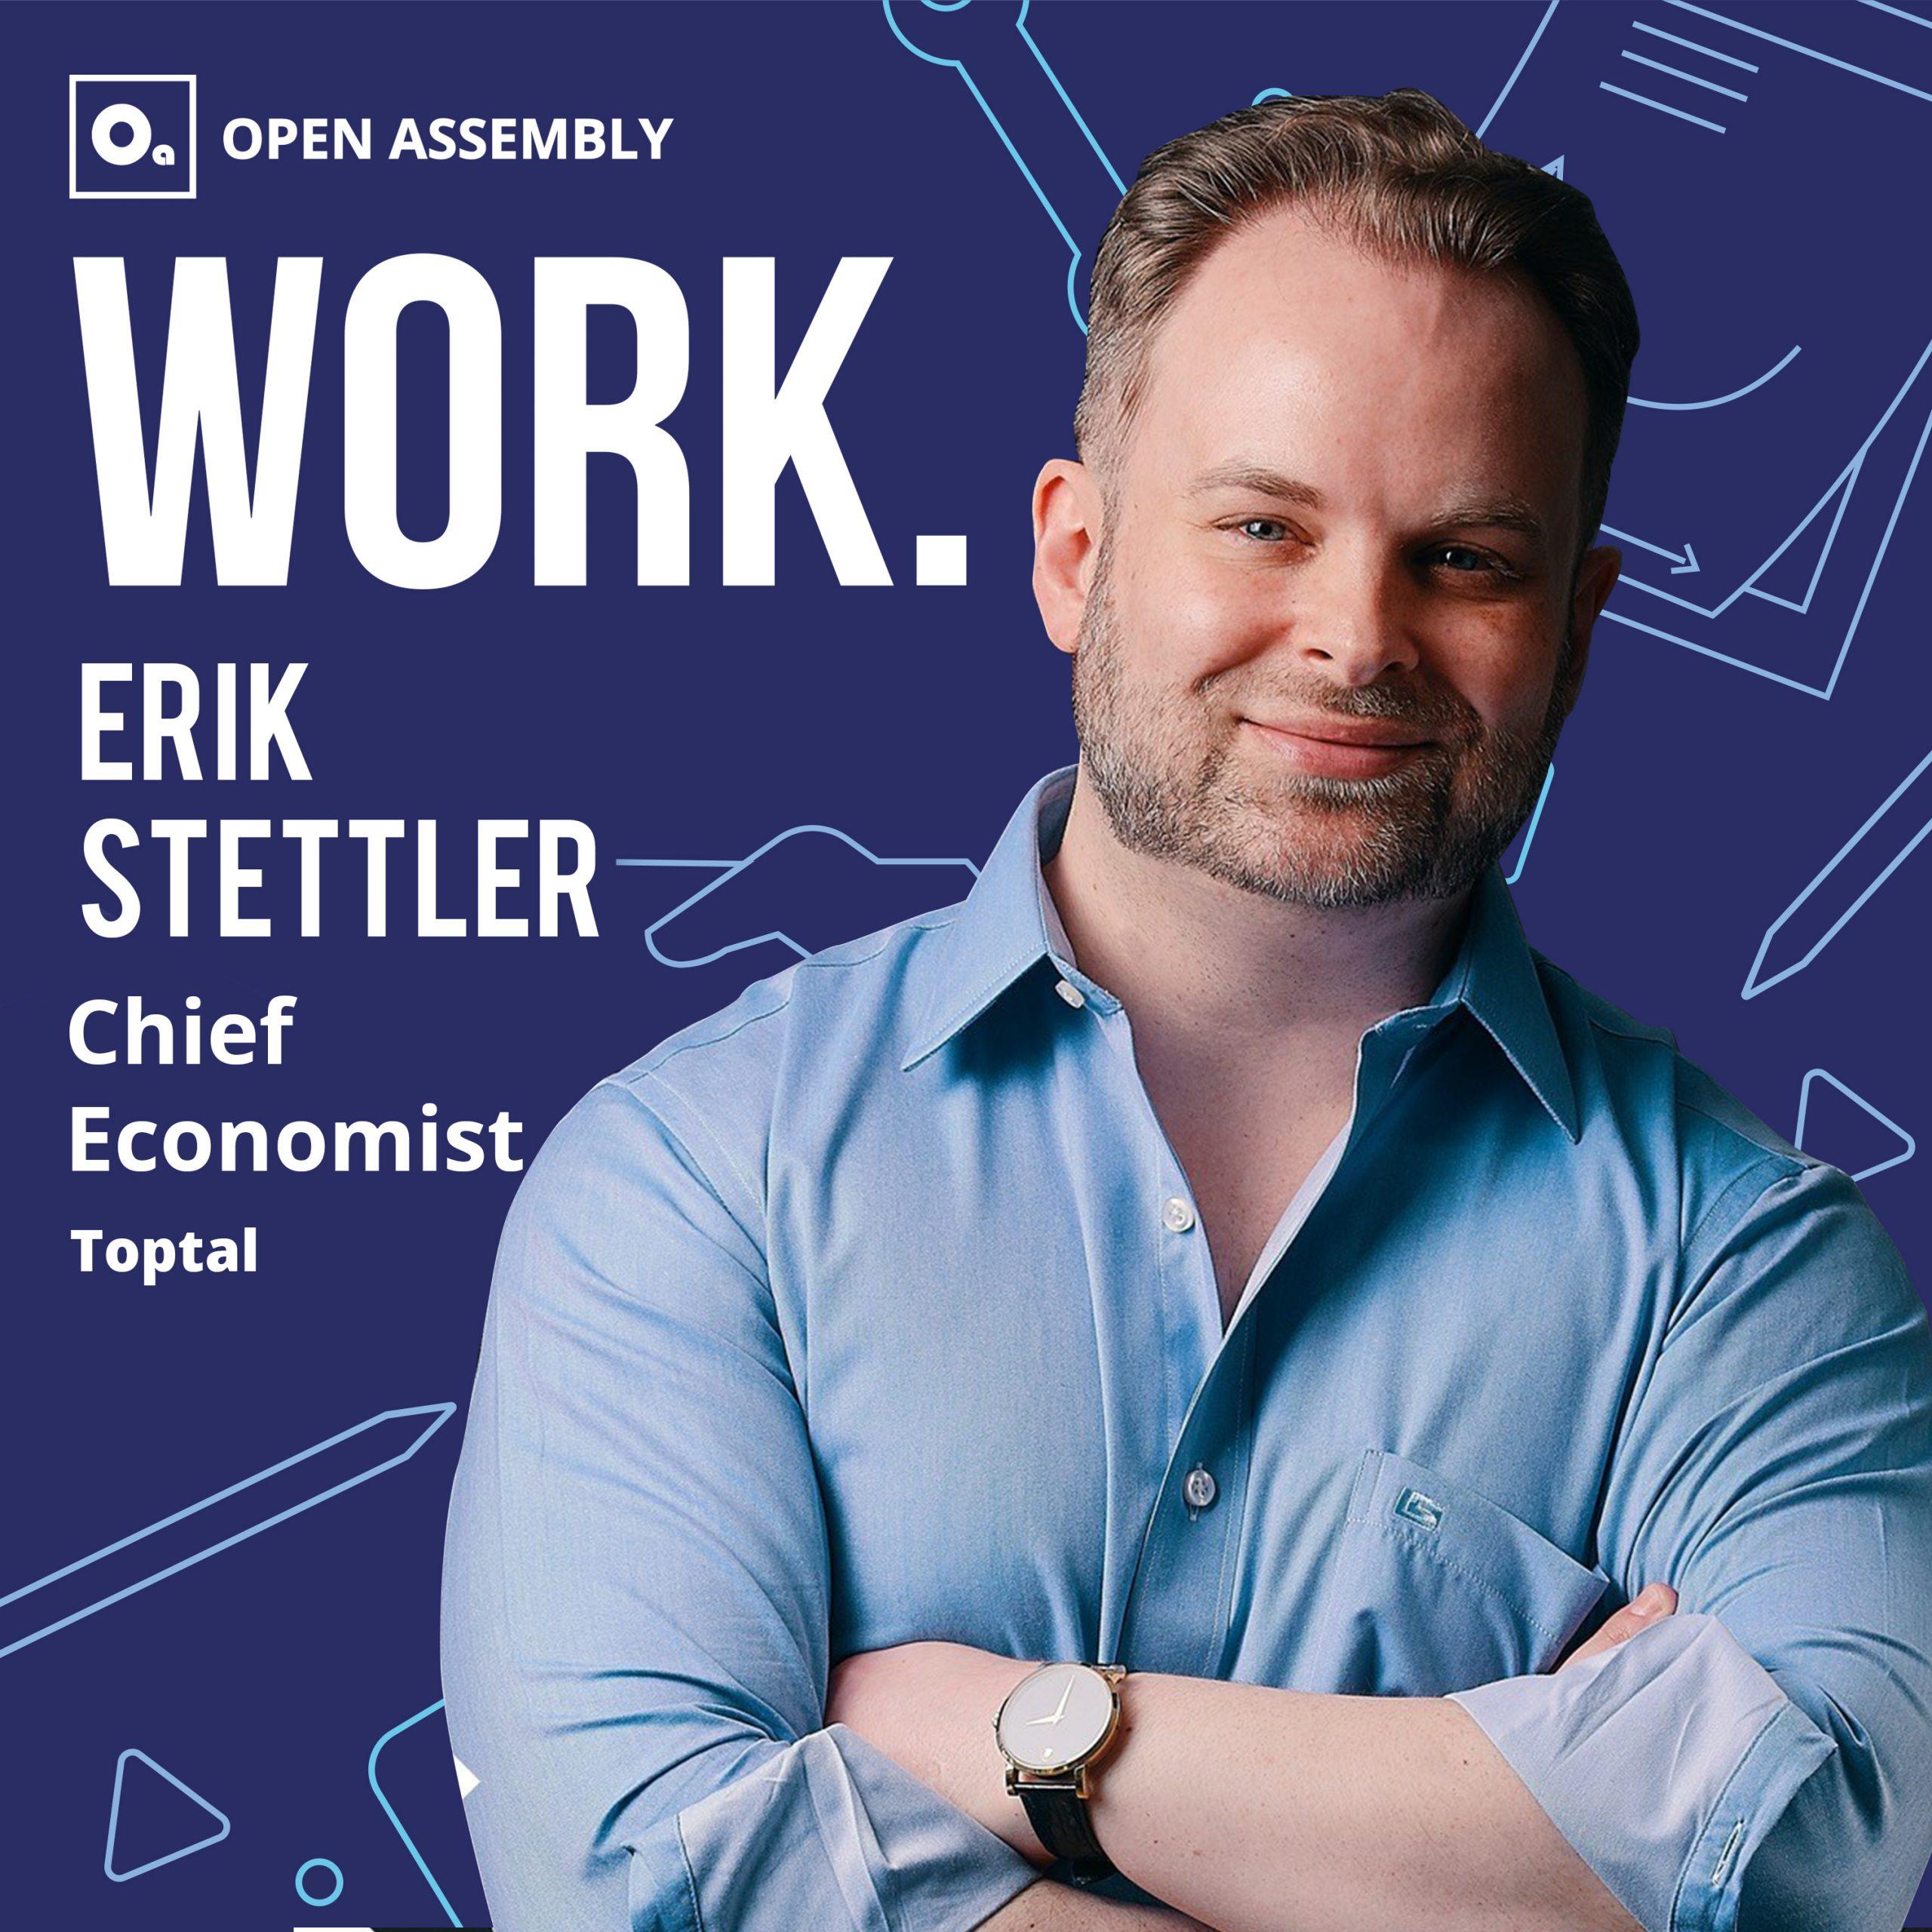 Erik Stettler Toptal